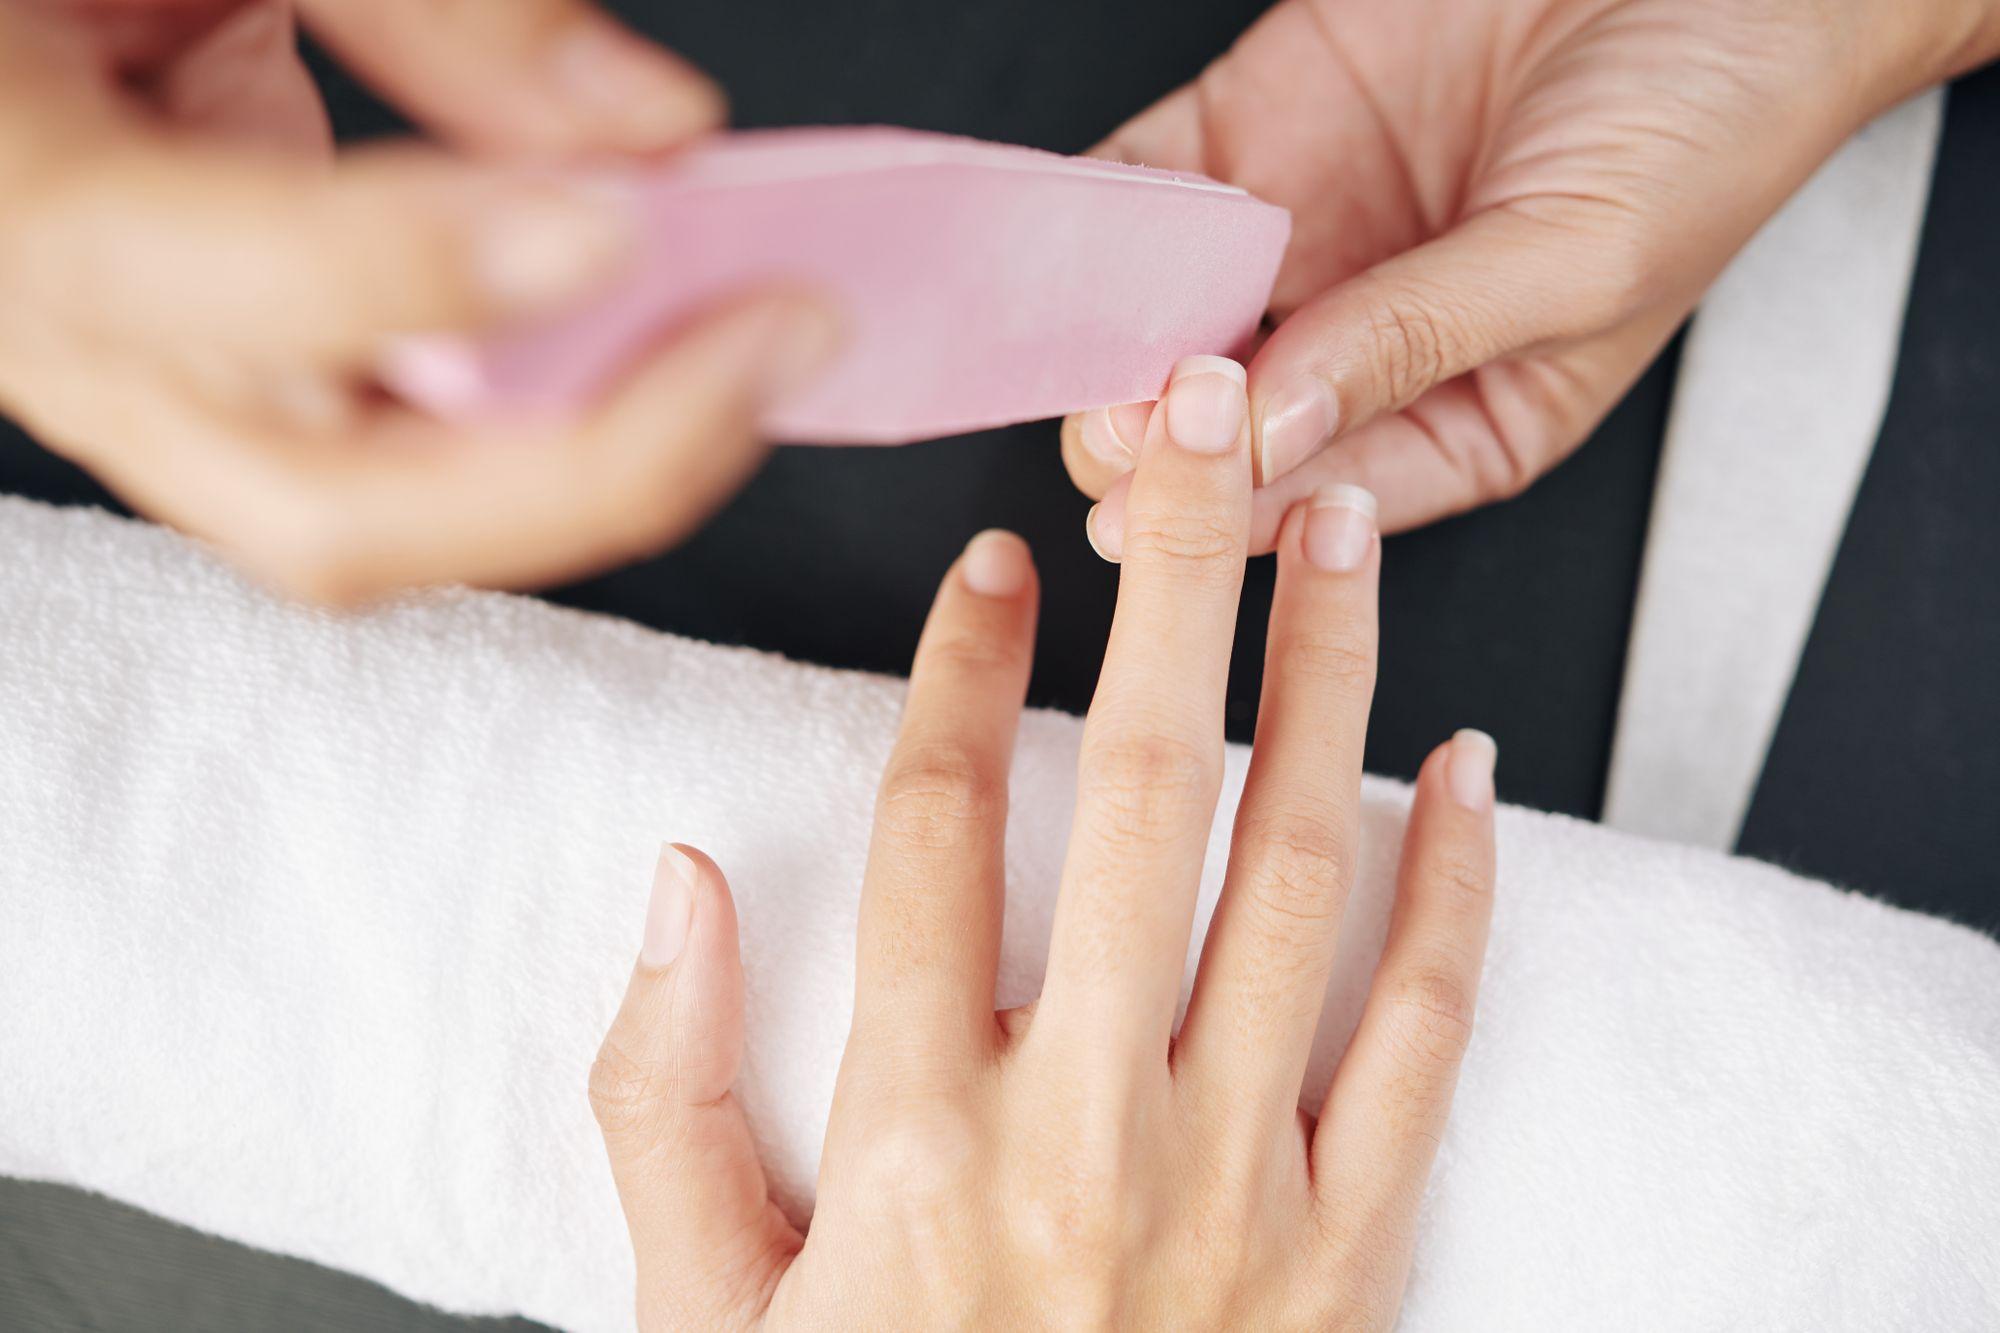 manicurist-filing-nails-DB6UW8L.jpg